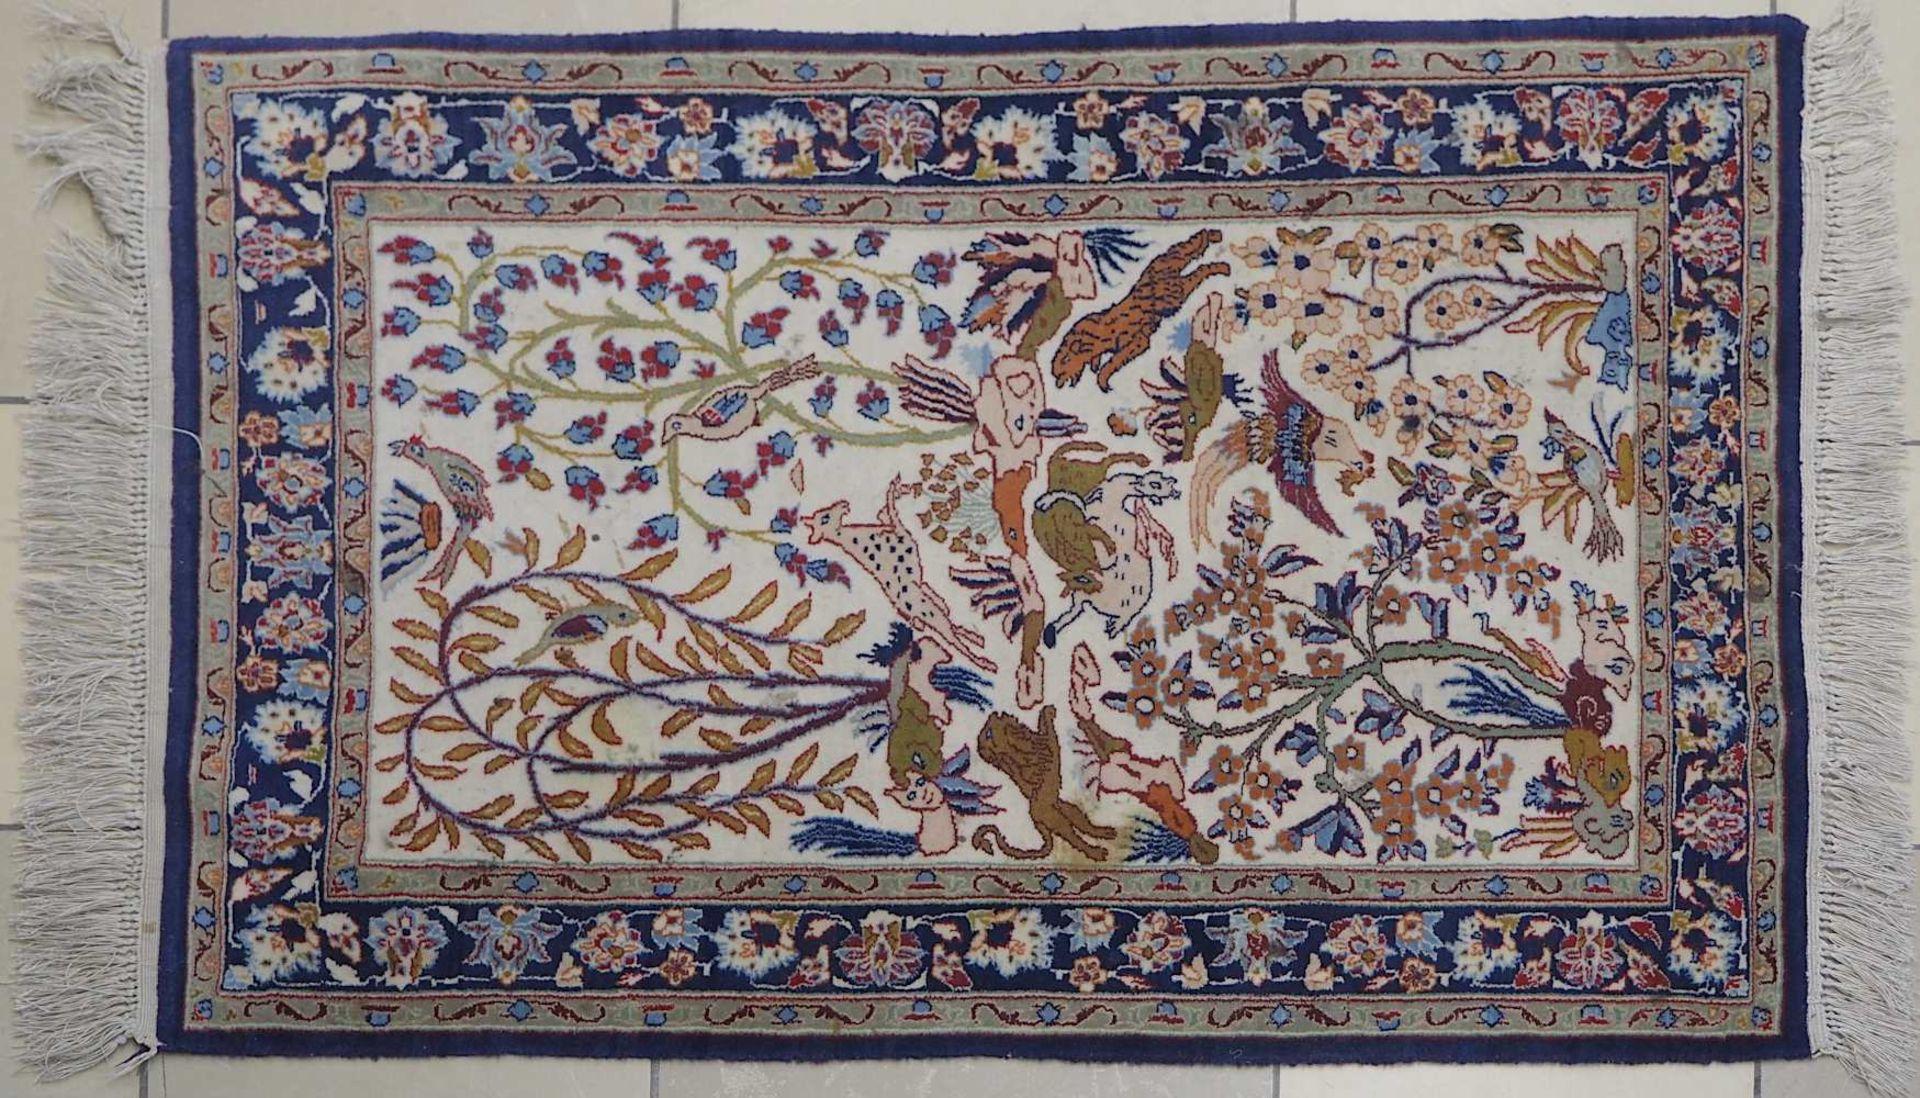 1 Konv. Teppiche 20. Jh.: Mittelfeld beigegrundig, Randbordüre rotgrundig, je florale - Bild 3 aus 7